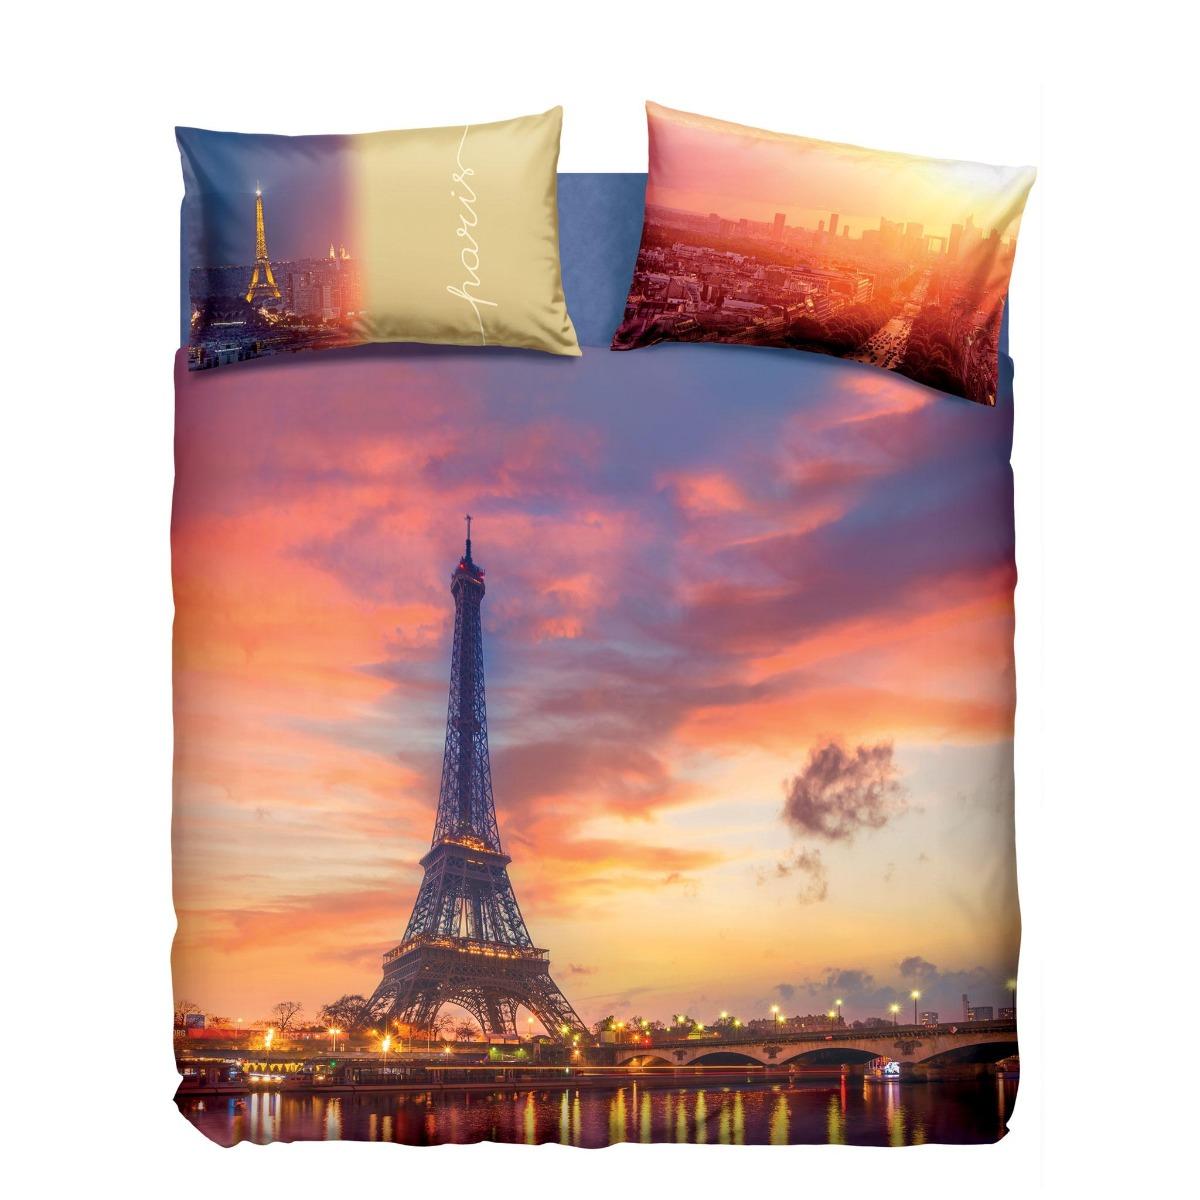 Lenzuola Matrimoniali Parigi.Completo Lenzuola Copriletto Matrimoniale Bassetti Paris Parigi